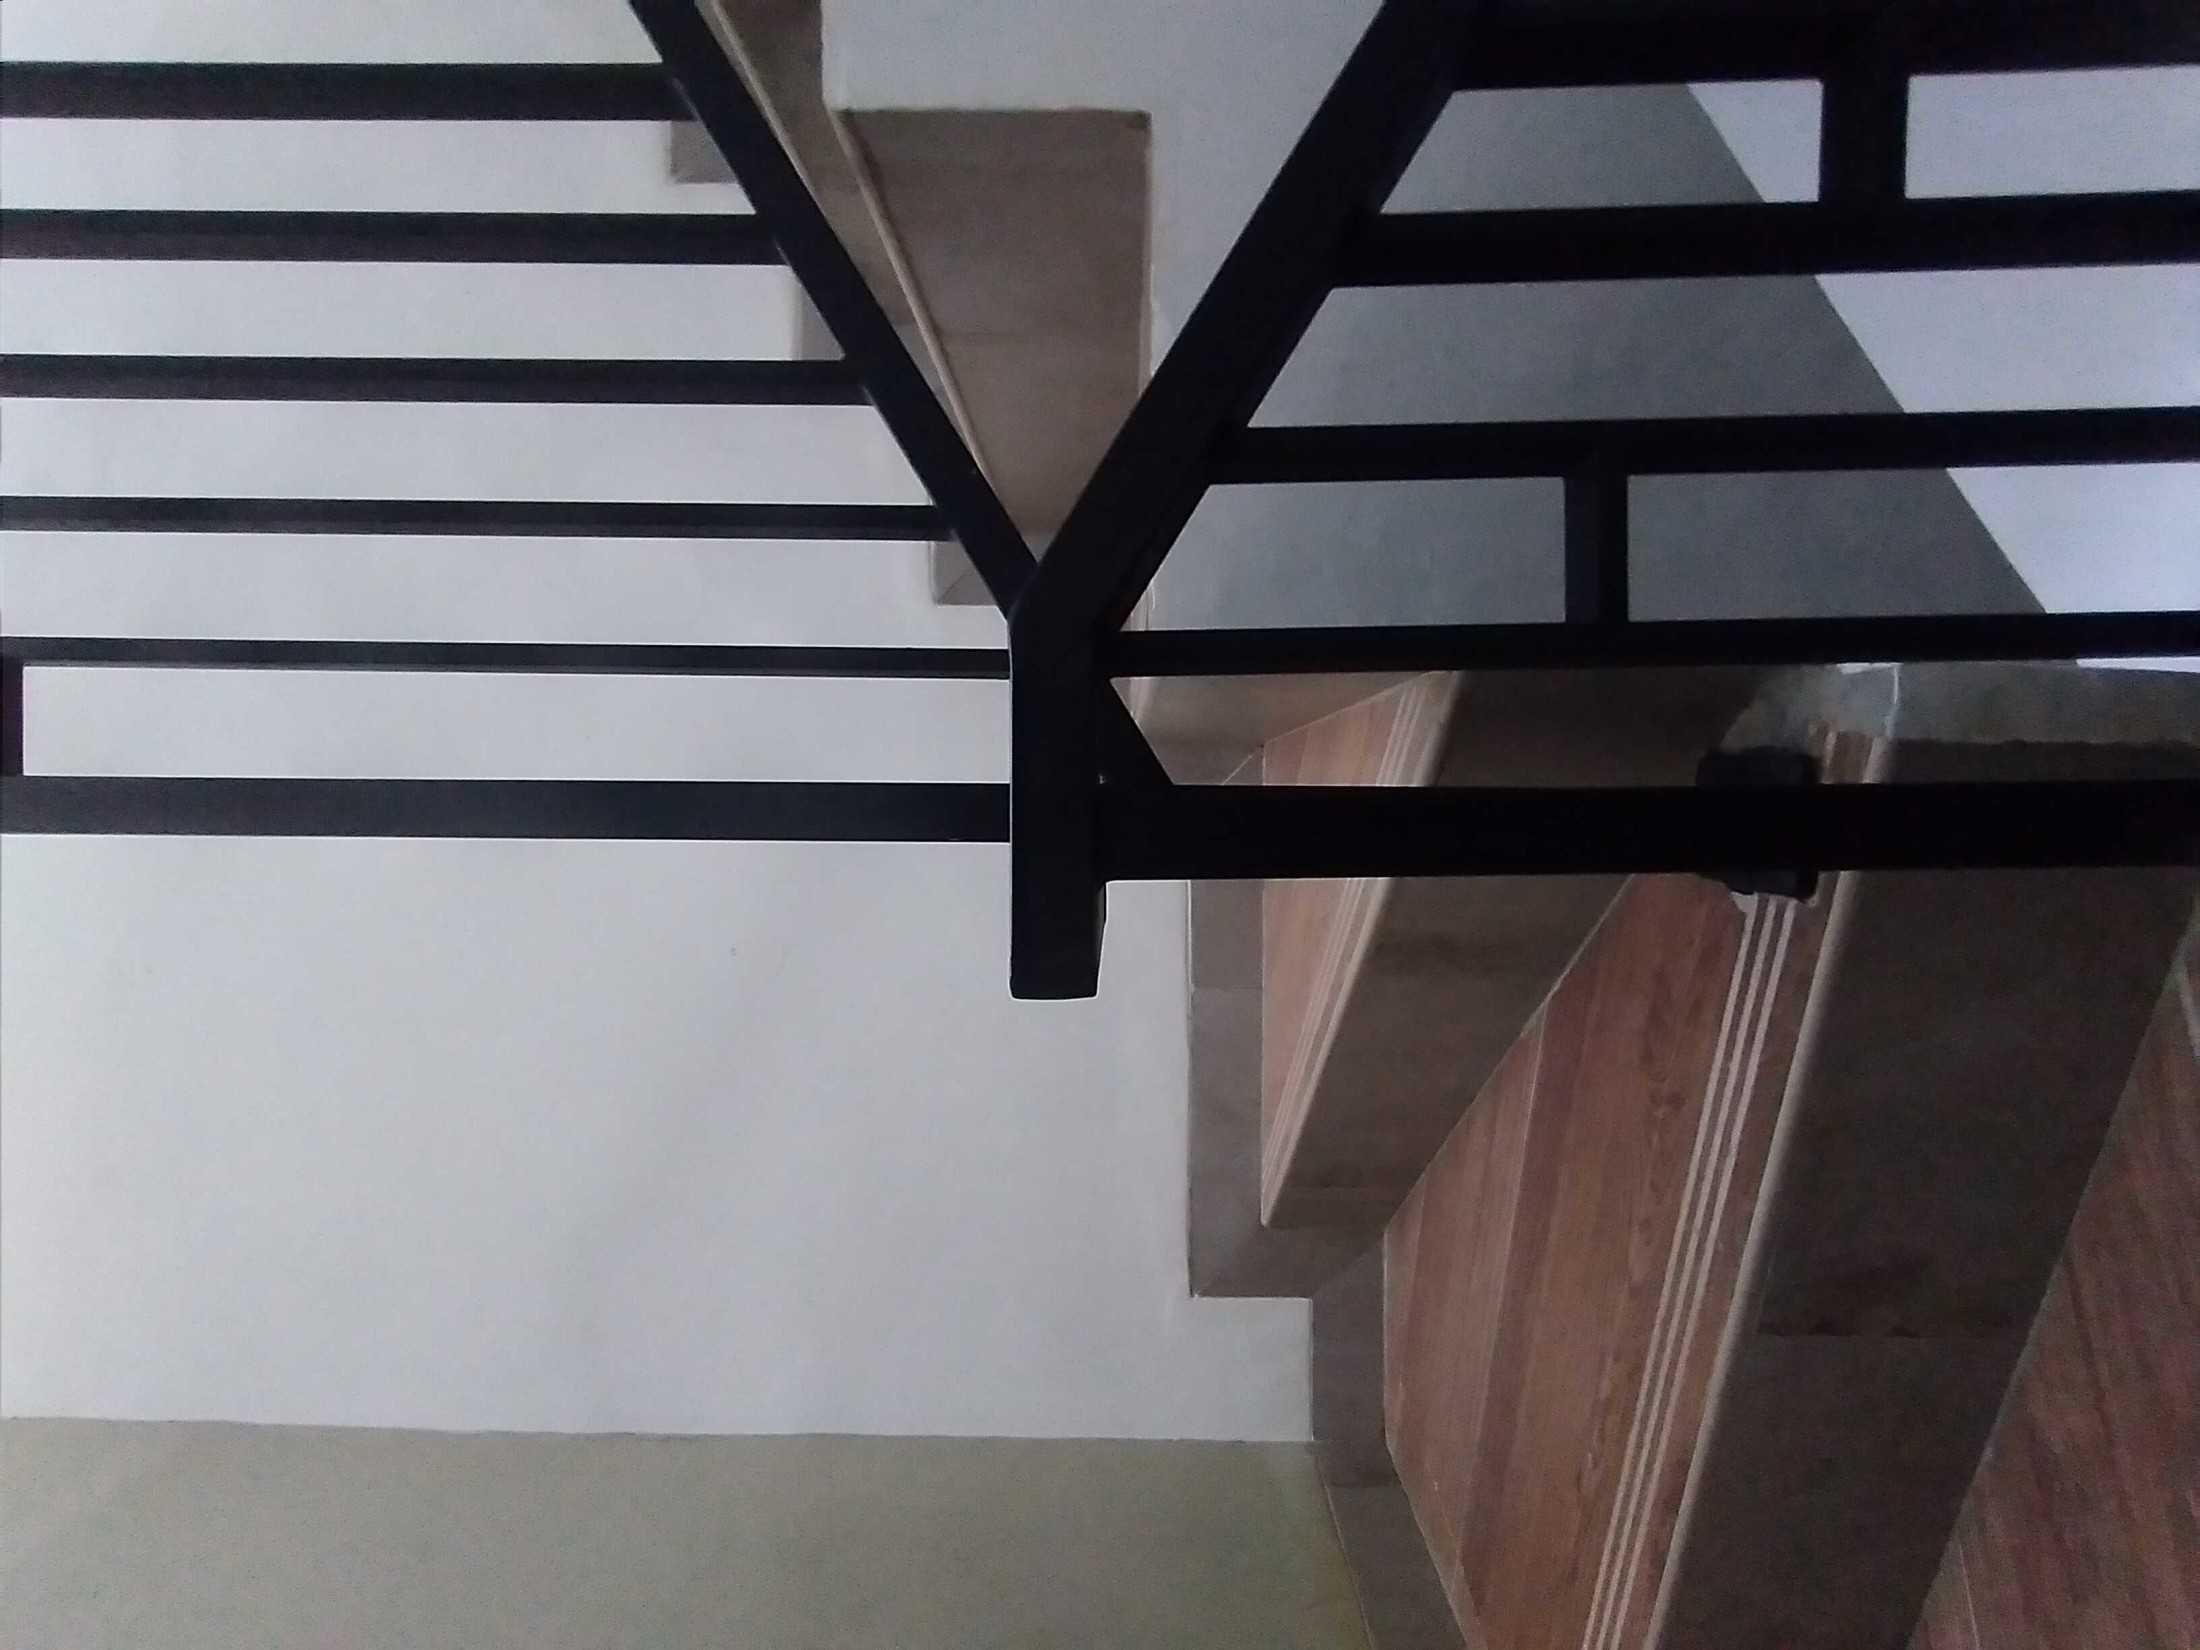 Mth29 Design [Design] Dr House - Bogor Bogor, Jawa Barat, Indonesia Bogor, Jawa Barat, Indonesia Mth29-Design-Design-Dr-House-Bogor  110817